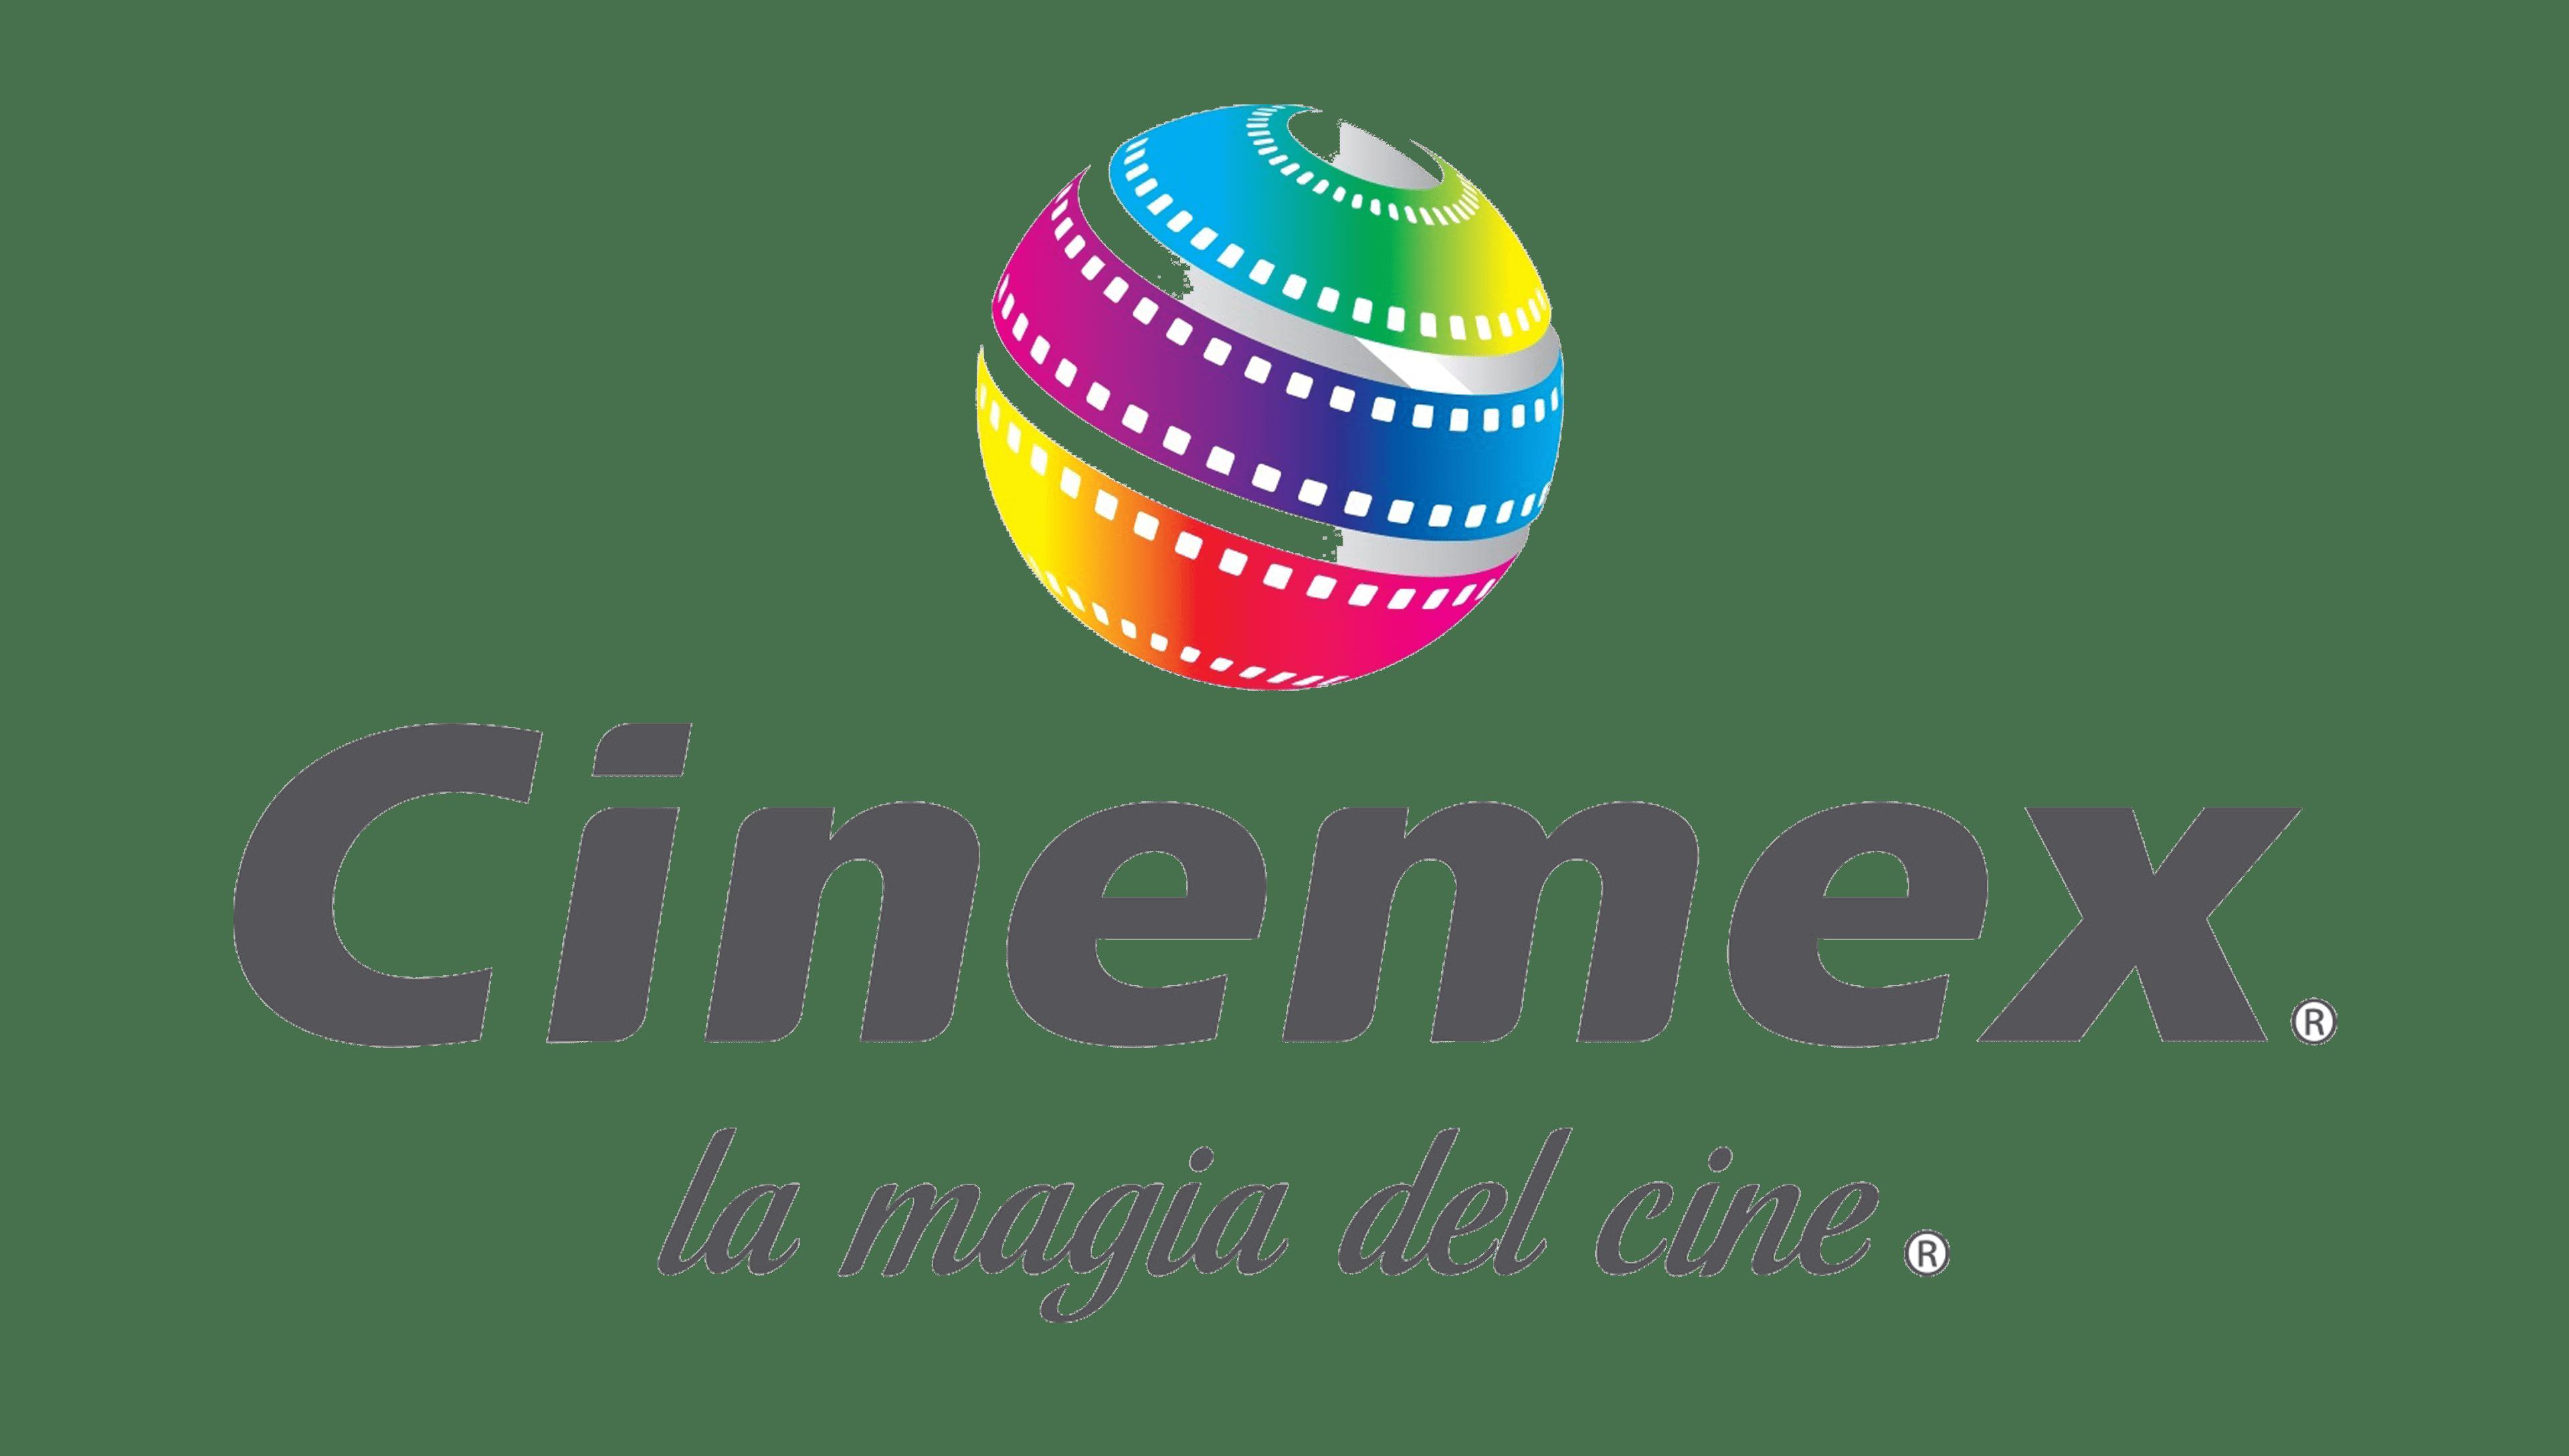 Cinemex cierra el año con los mejores estrenos para los mexicanos